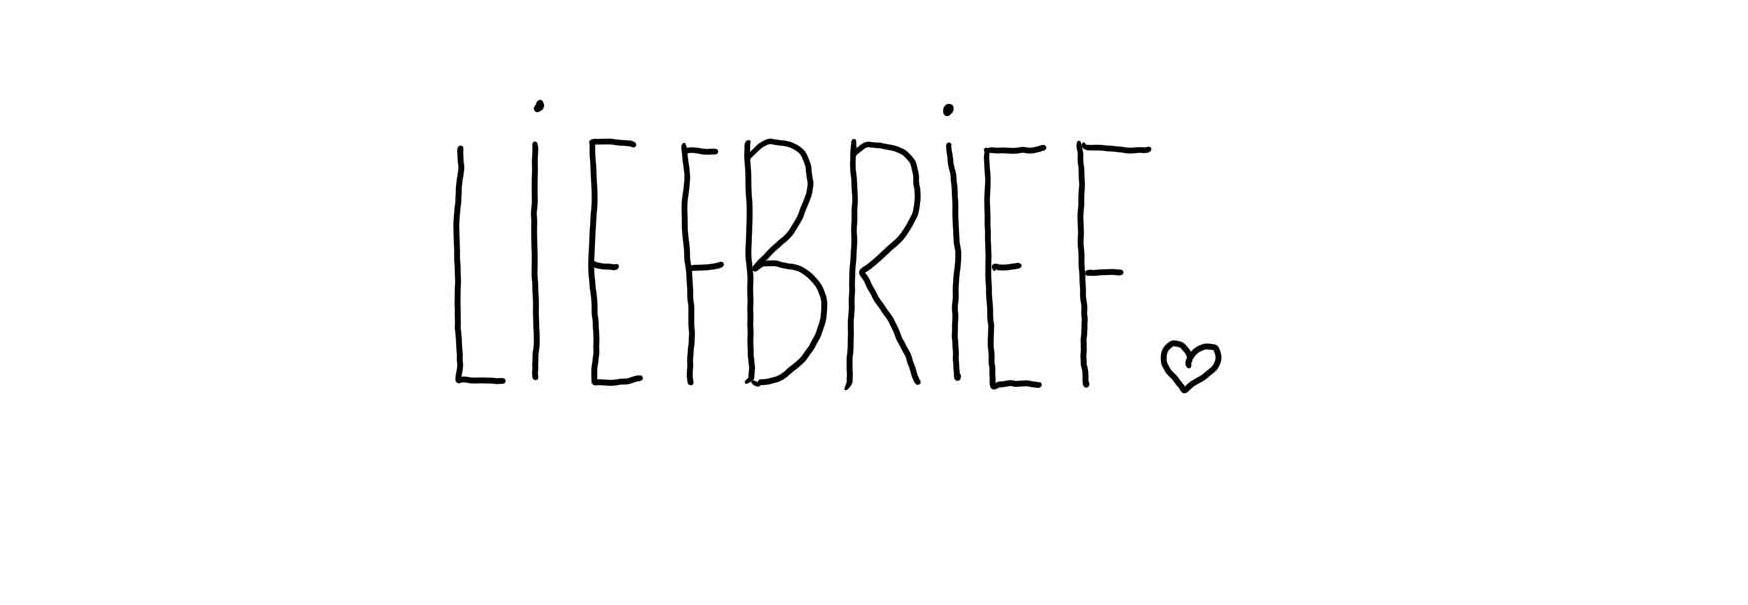 Liefbrief